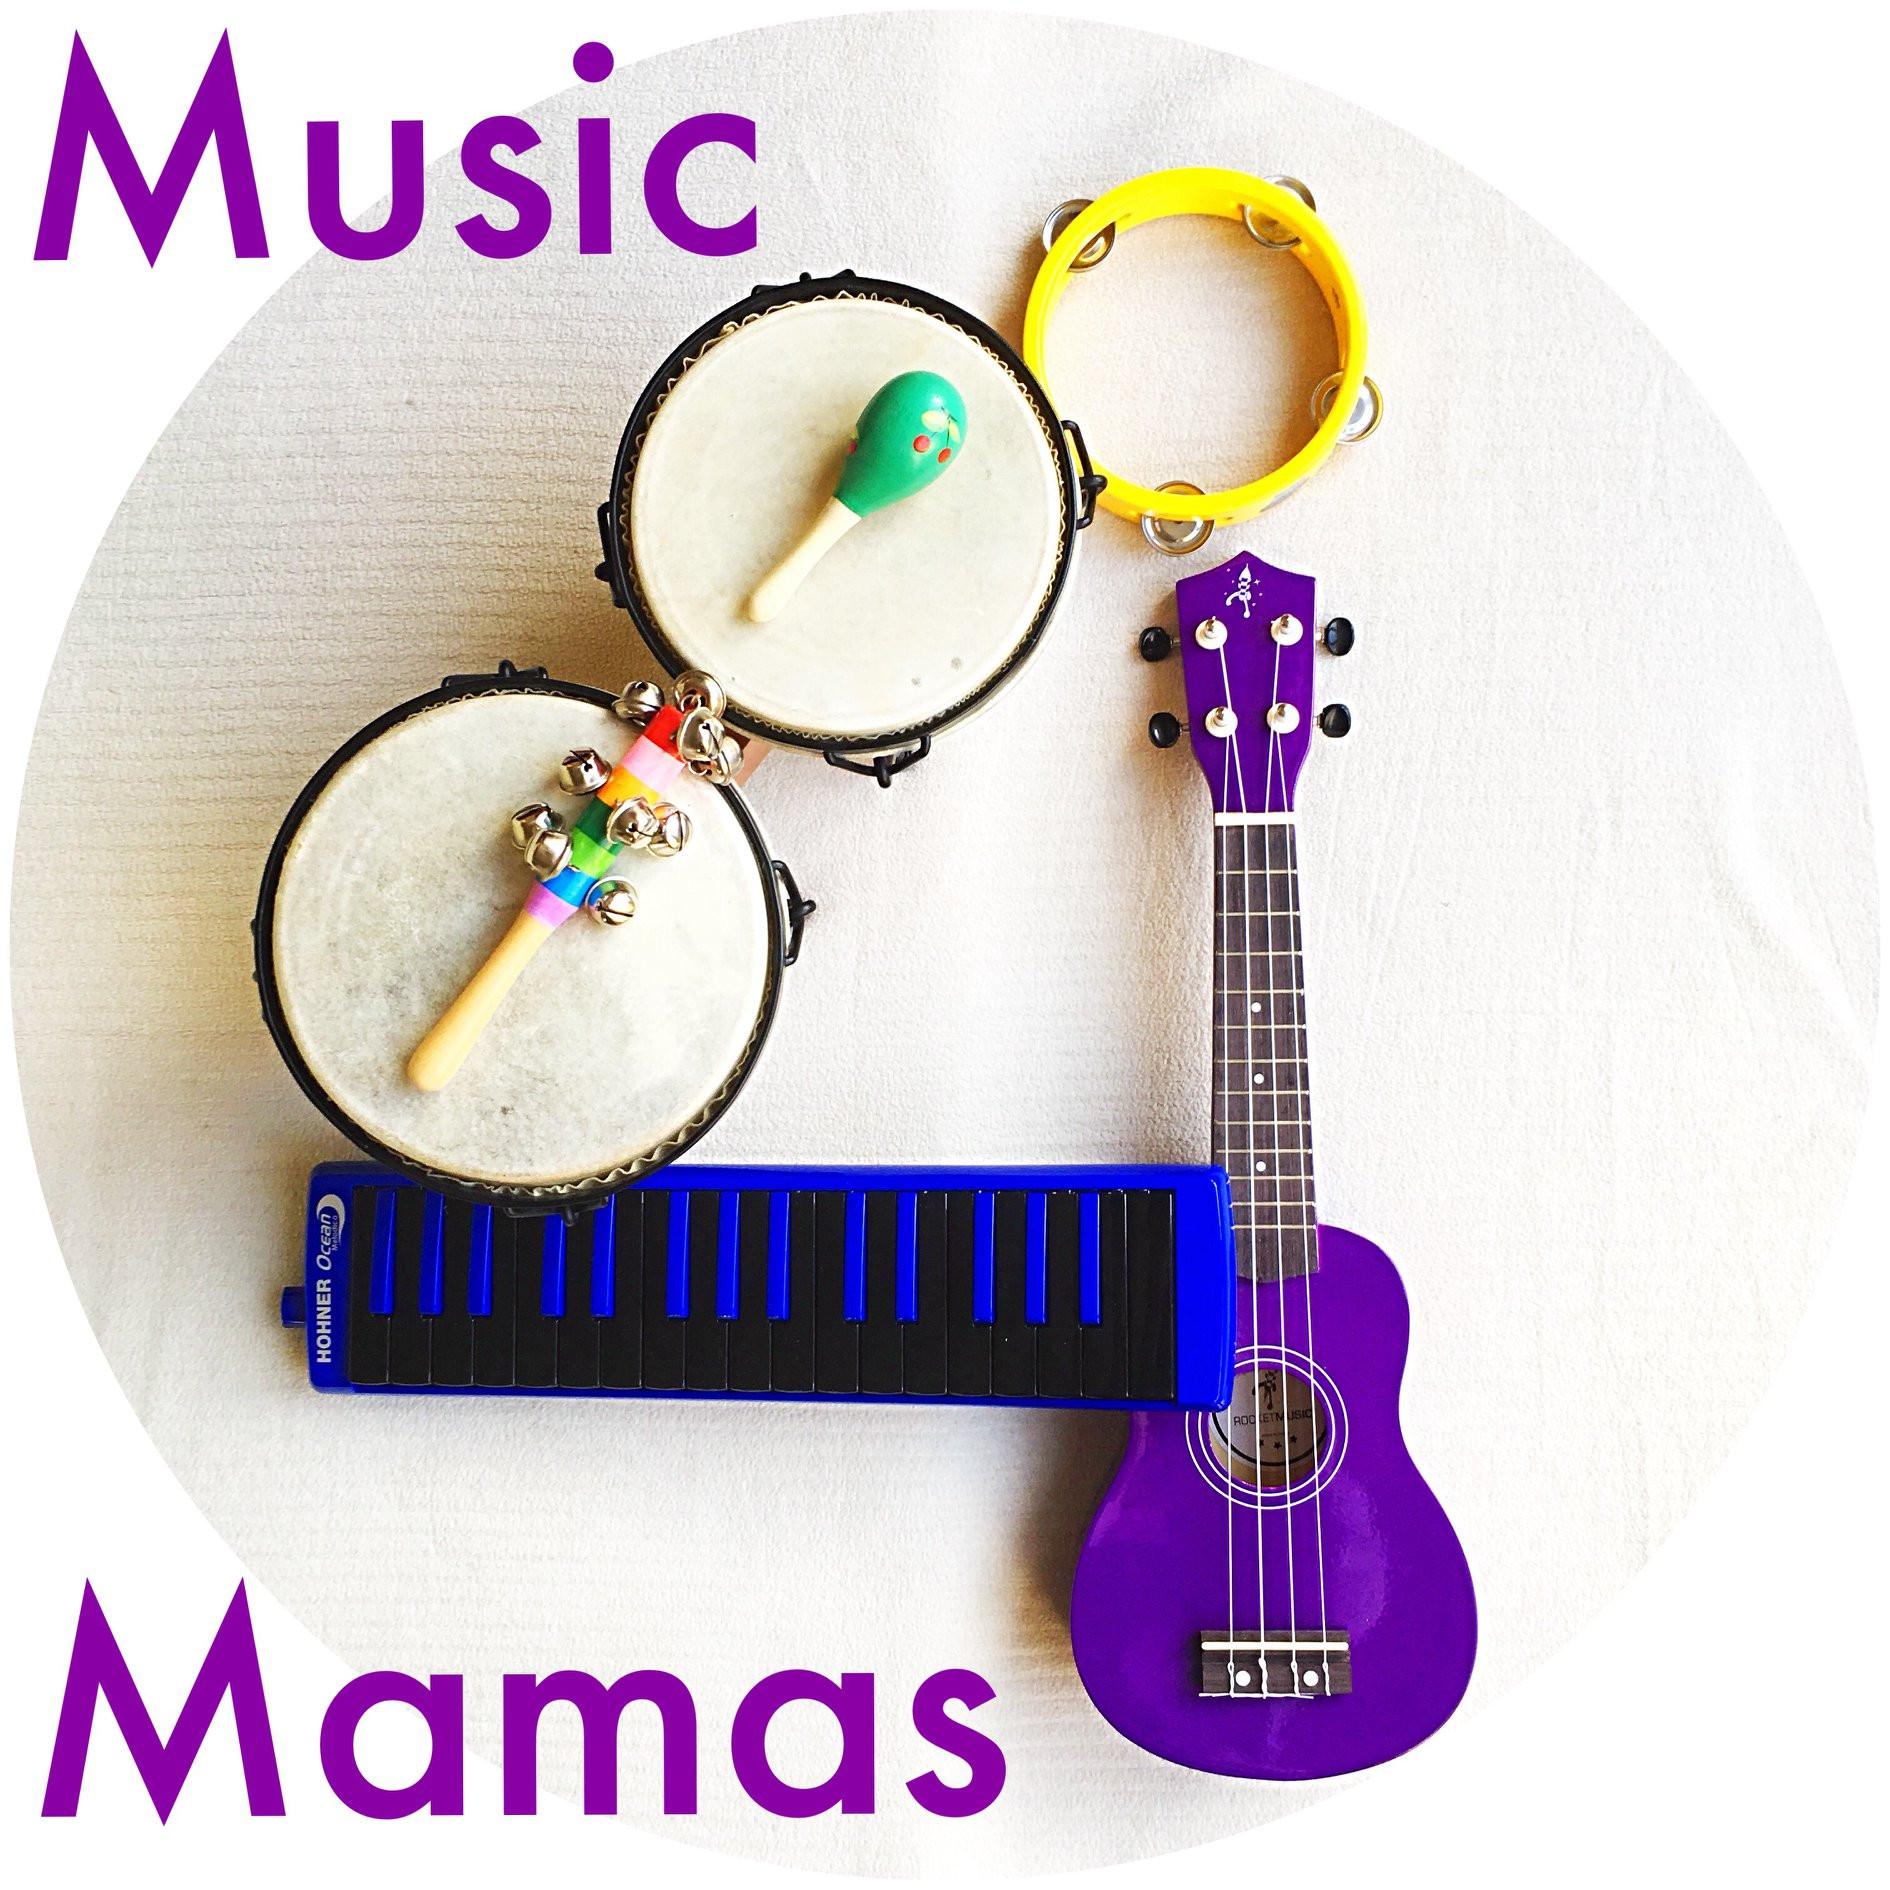 Music 4 Mamas